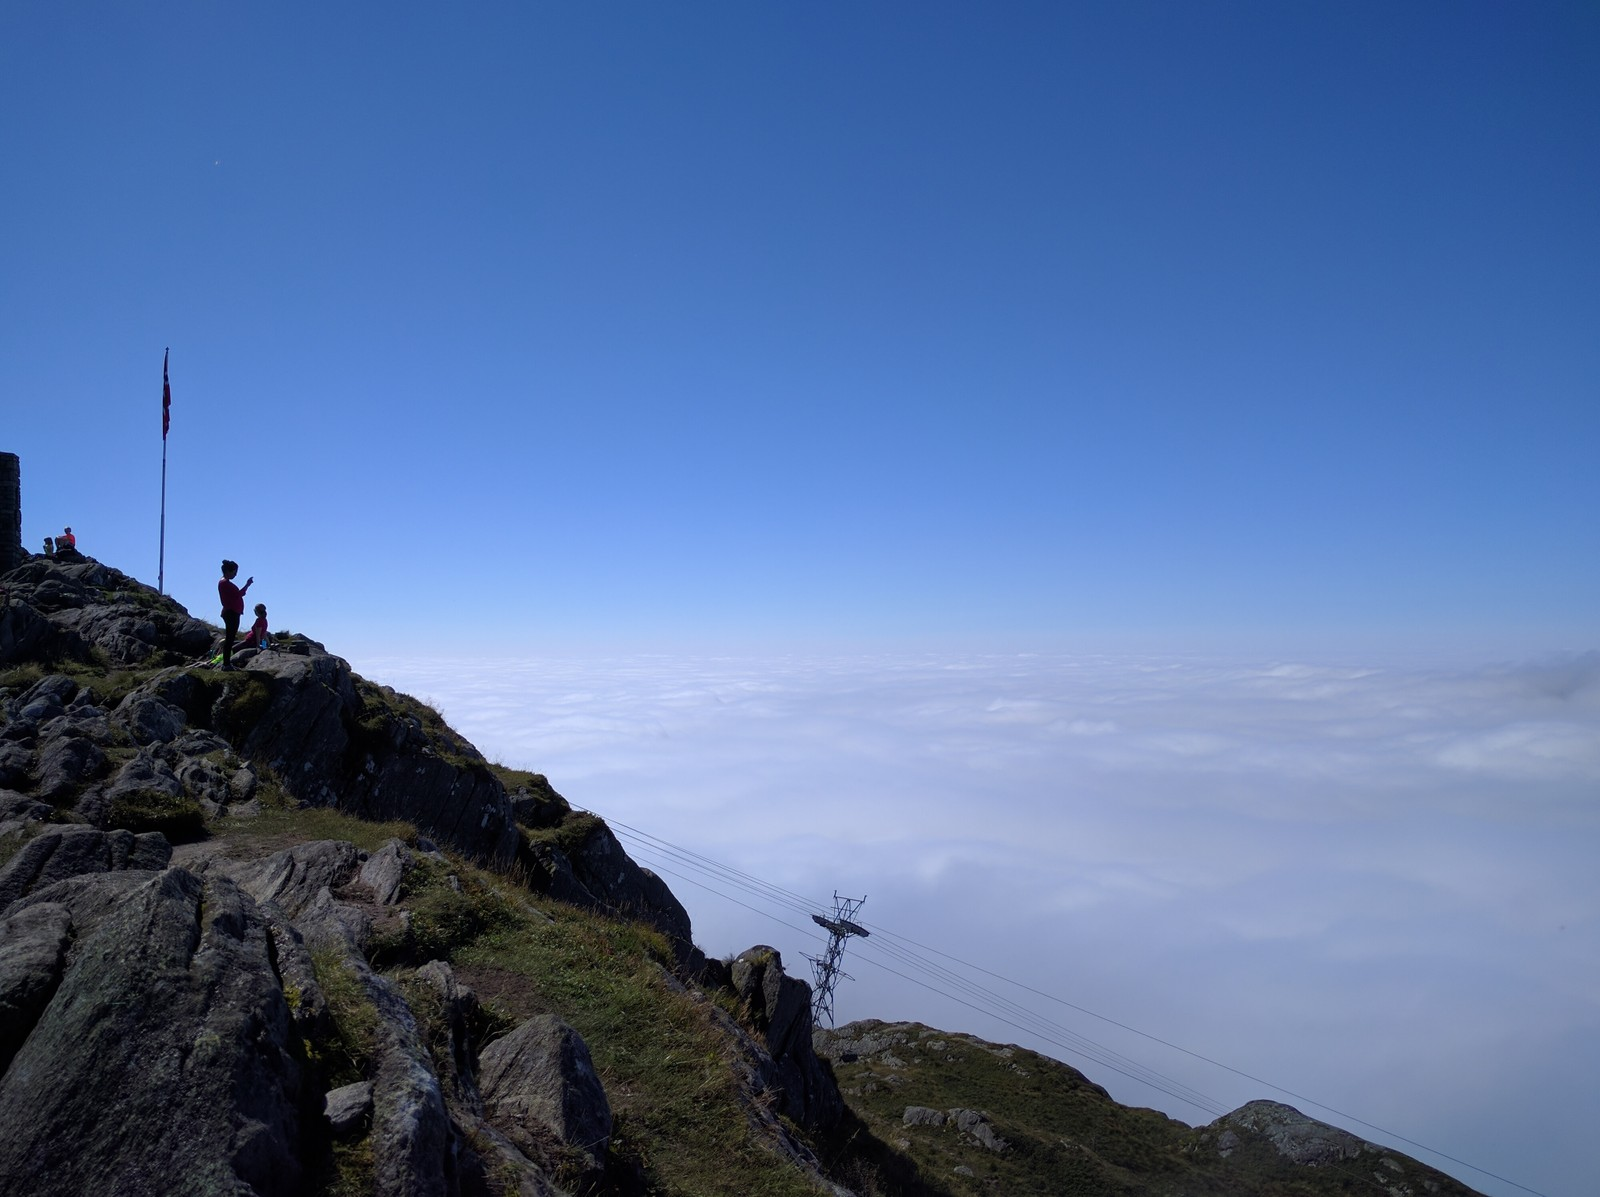 NY SJANSE I MORGEN: Torsdagen begynner med tåke, i likhet med onsdagen, men tar du turen opp i høyden, er himmelen blå.